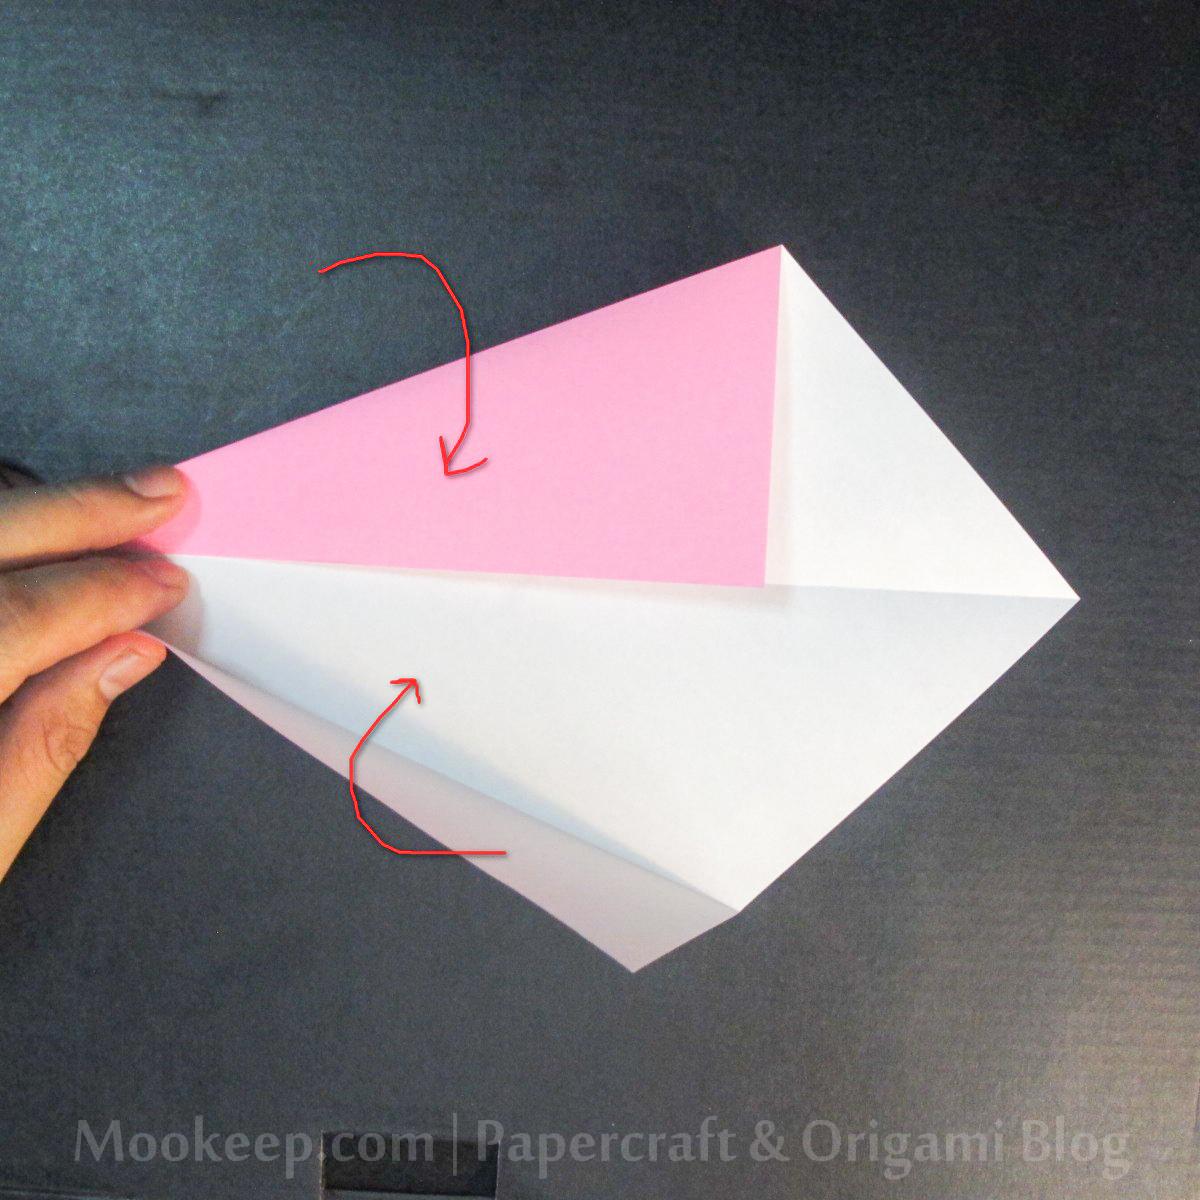 สอนวิธีการพับกระดาษเป็นรูปเป็ด (Origami Duck) - 003.jpg